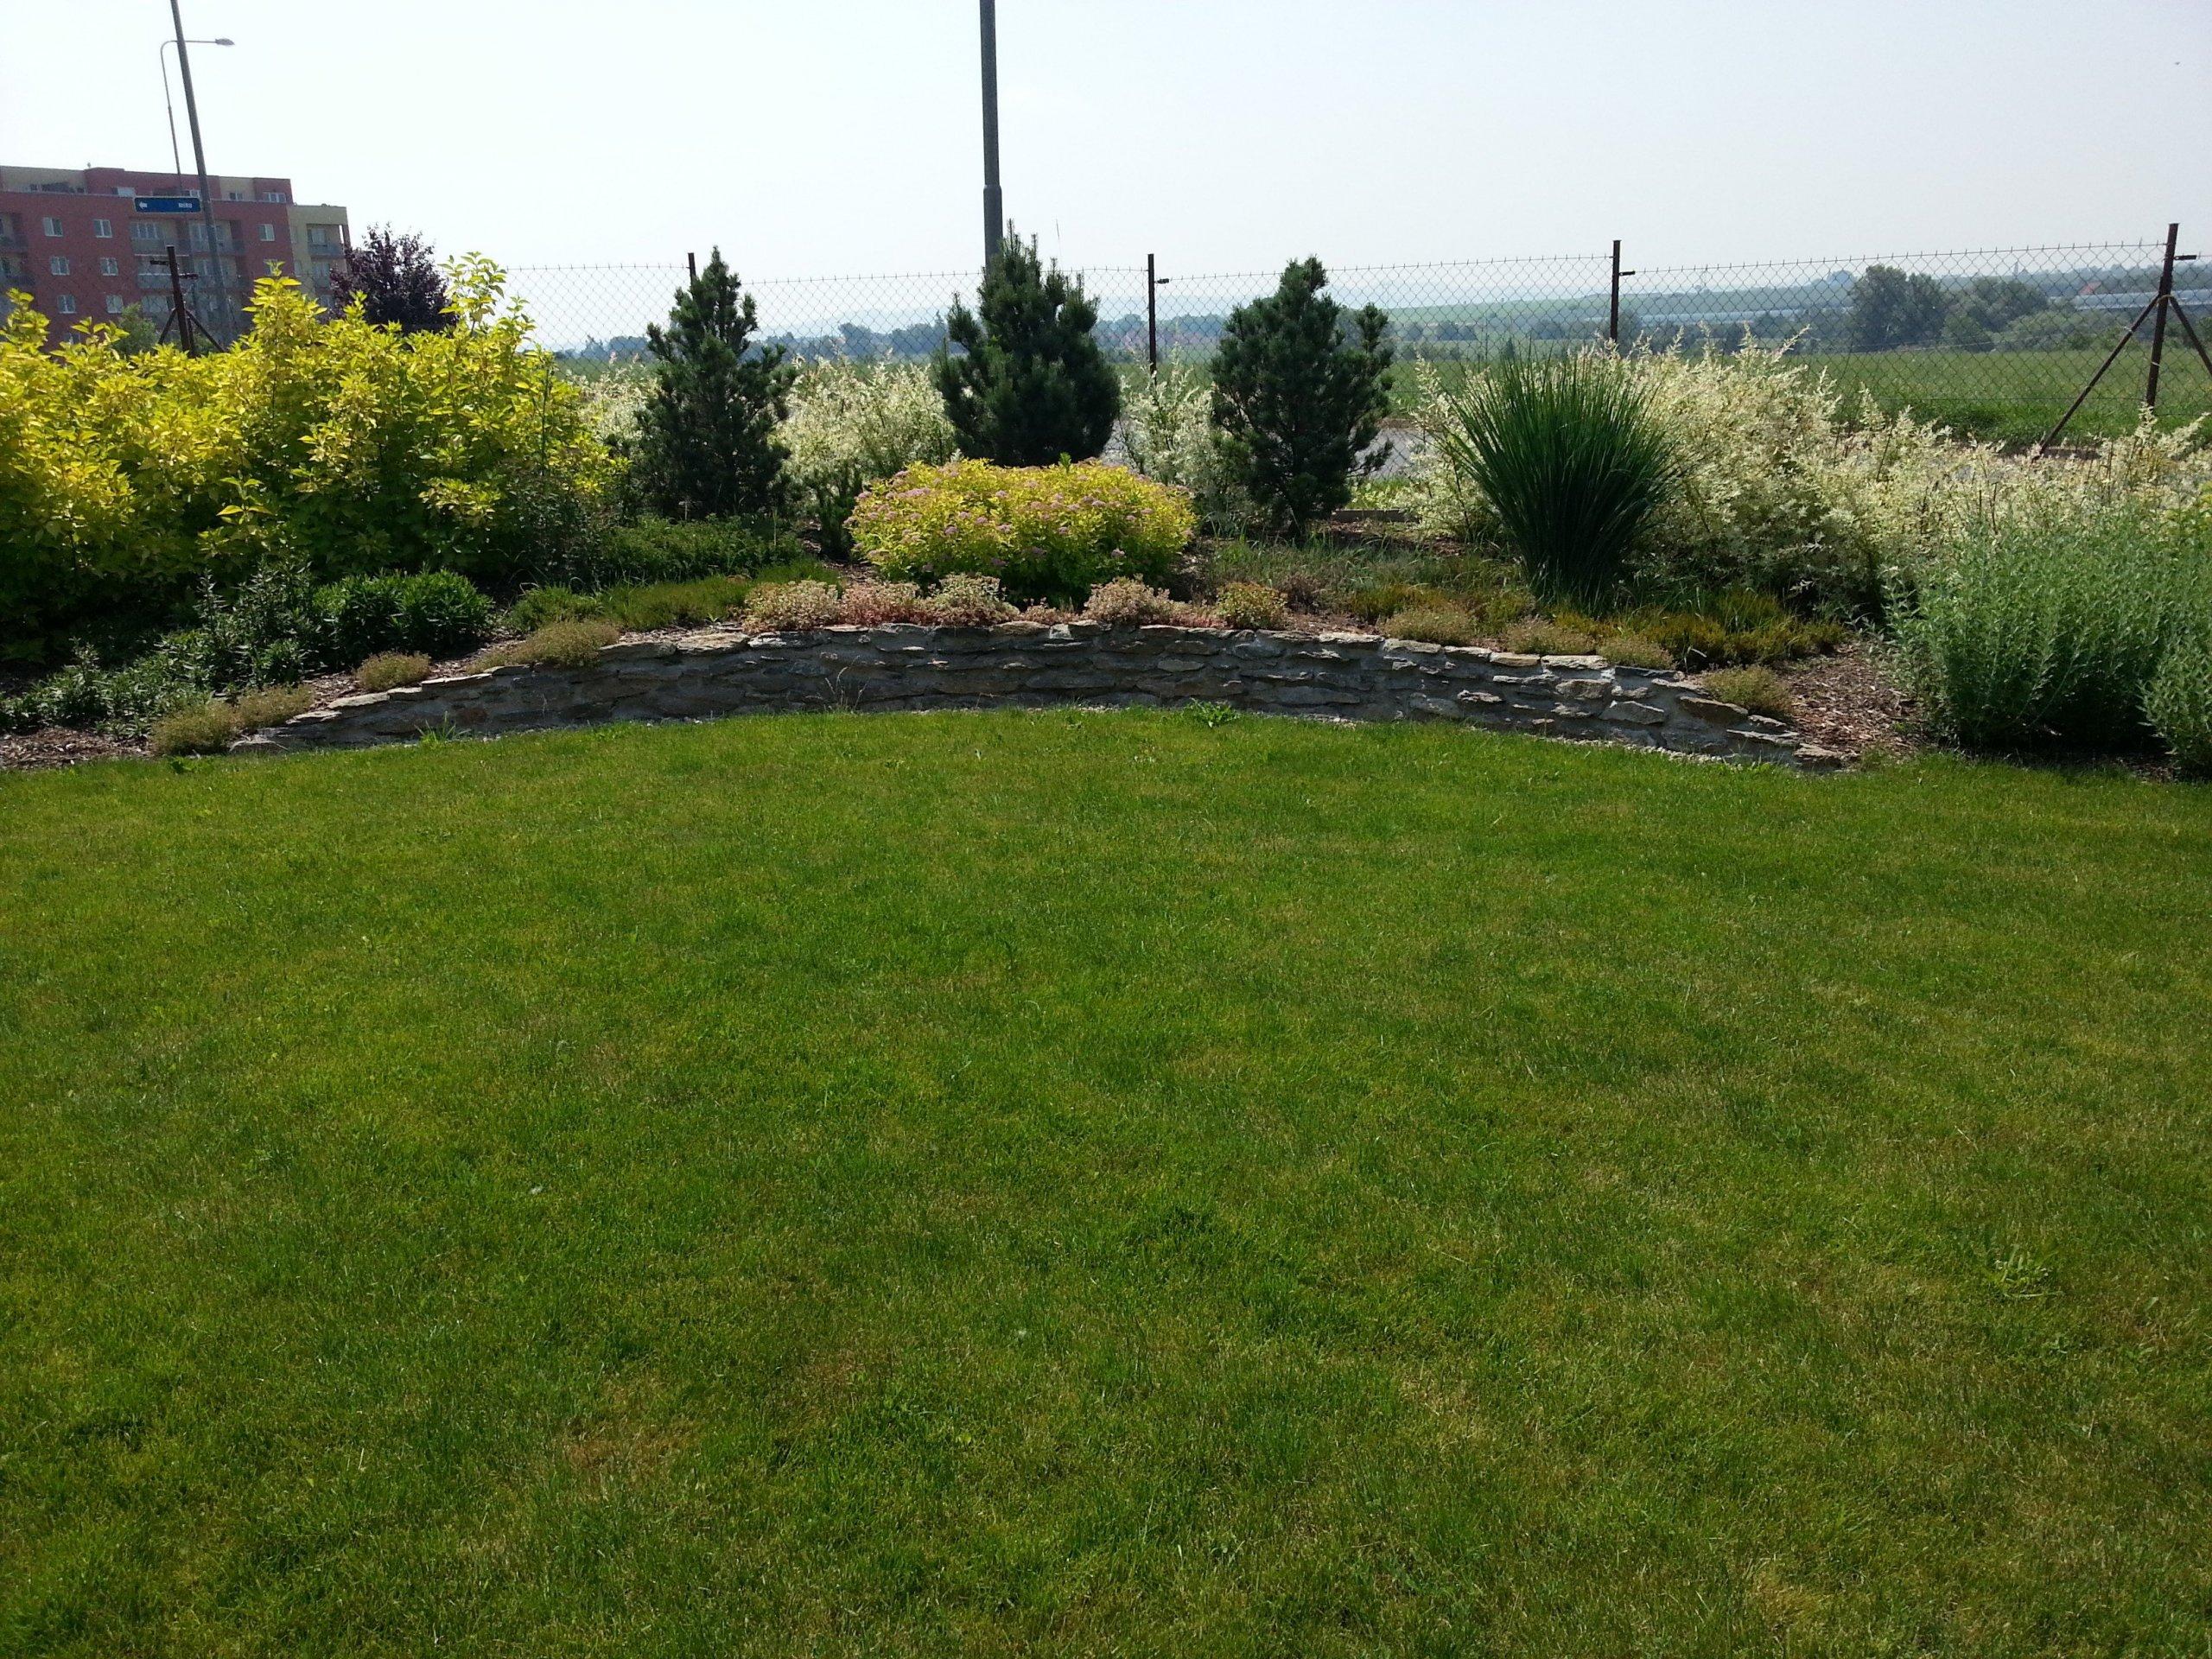 Vznik zahrady je svého druhu umělecký proces. Především pak přípravná fáze pro budoucí zahradu, při které vzniká doslova architektonický návrh celého projektu.…